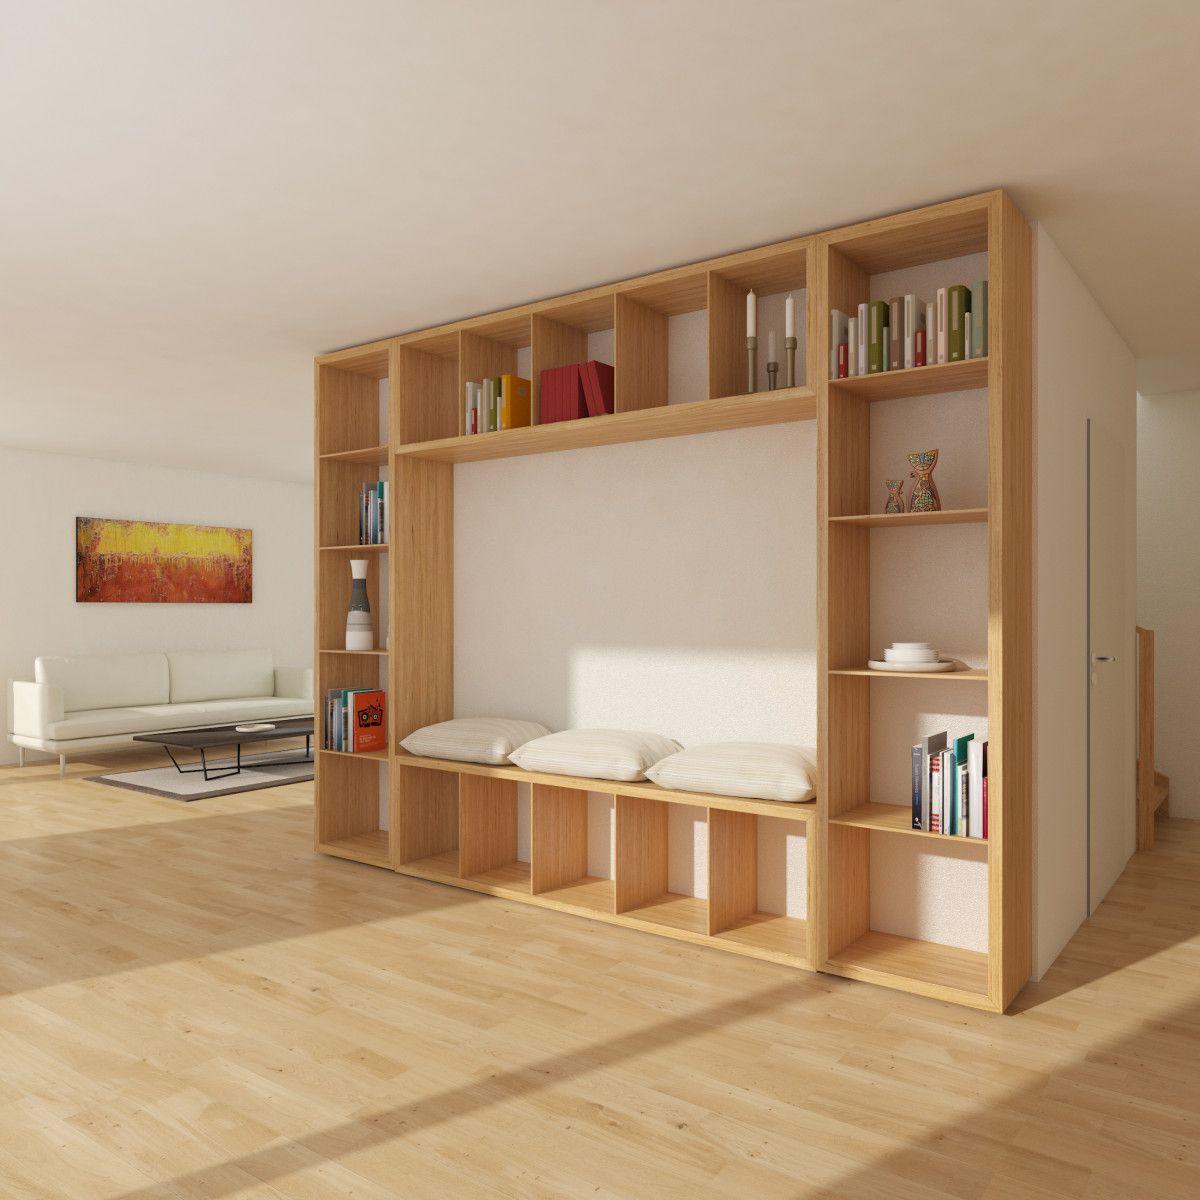 Wohnzimmer Regal mit Sitzbank  Holzhaus innen Mein Ideenhaus von Baufritz  Inneneinrichtung